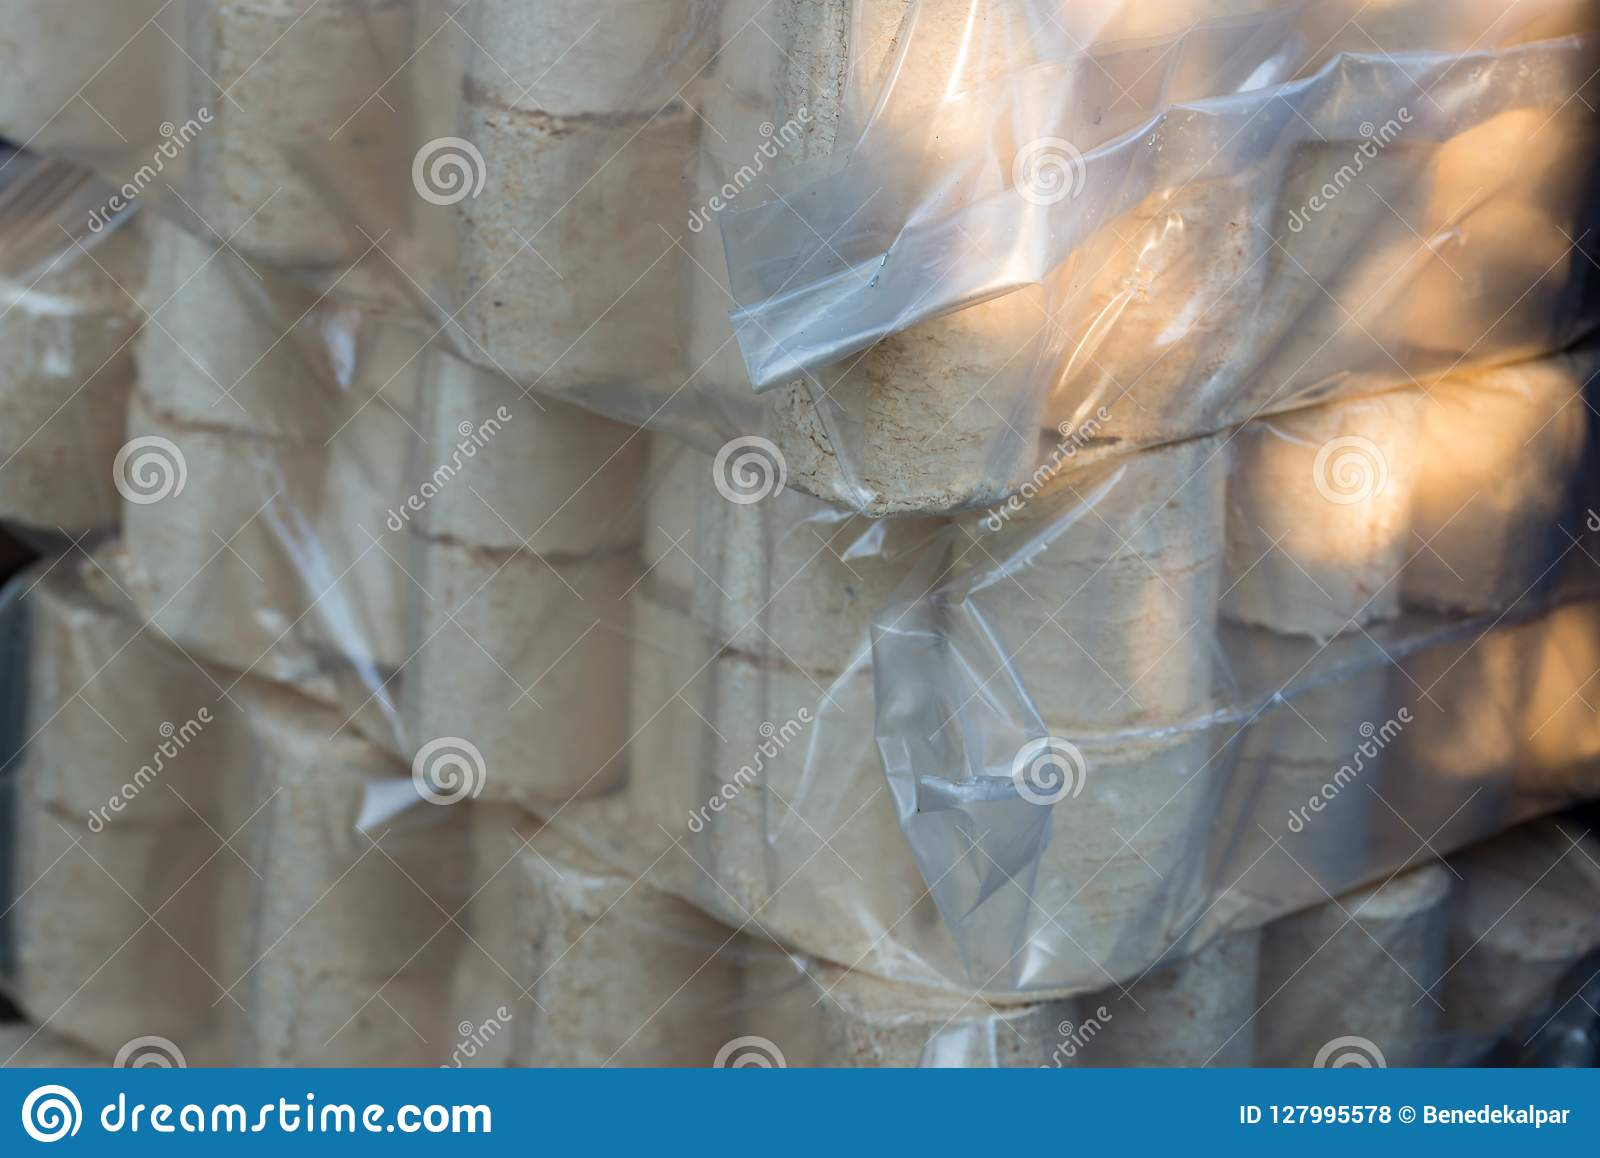 Pijnboom en beukehoutbriket in plastic zakken voor het koude seizoen